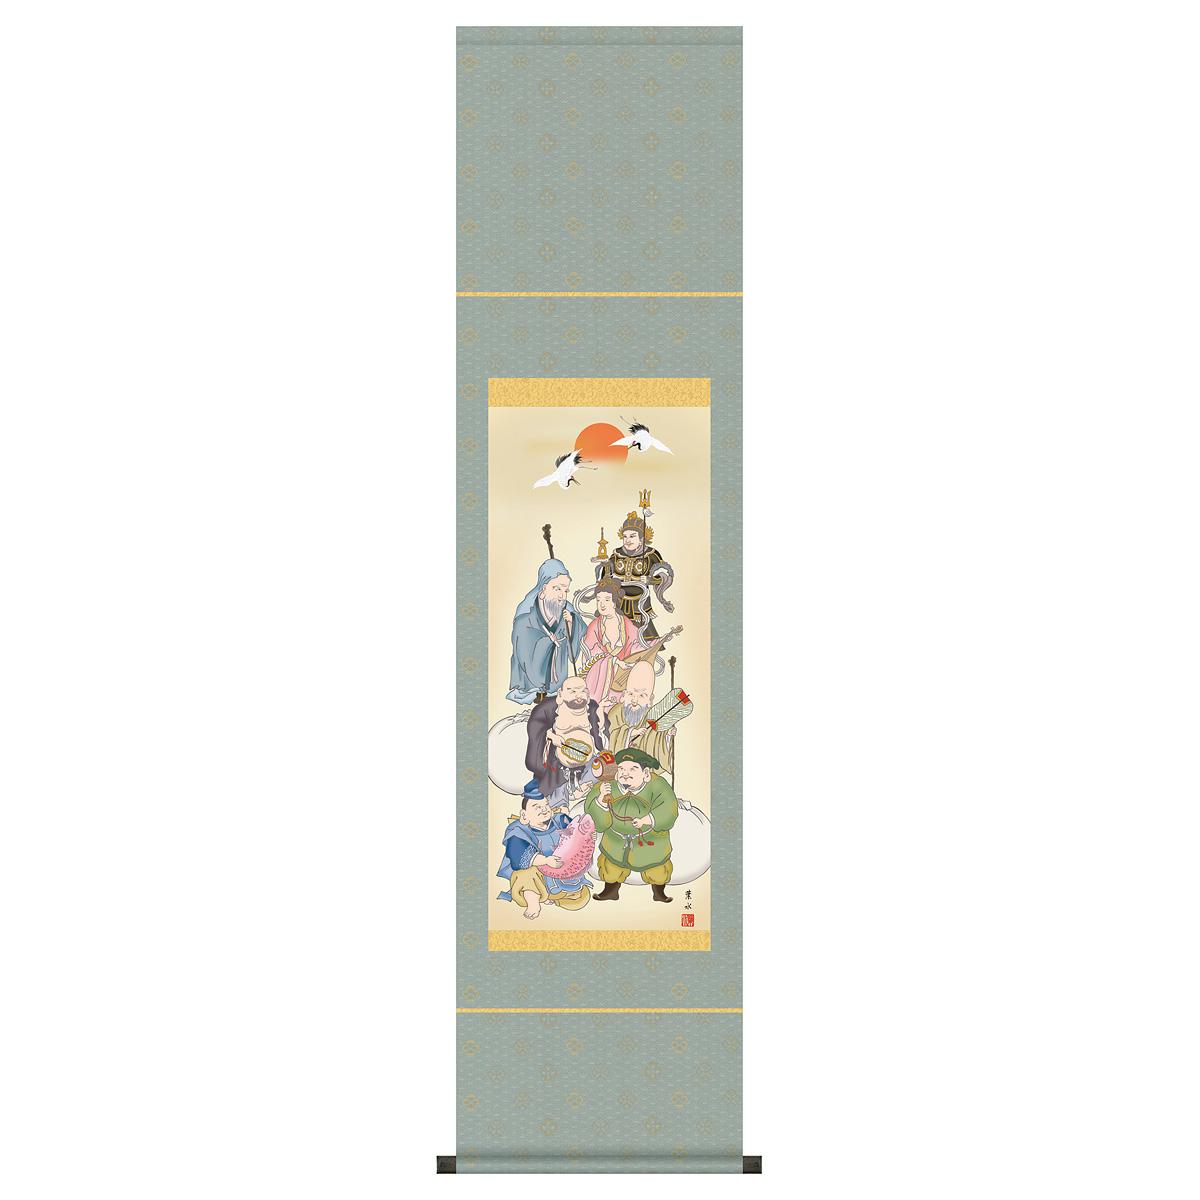 節句 正月 掛け軸 「緒方葉水(清瀧会)作 七福神 掛け軸」2019年雛人形 ●正月飾り